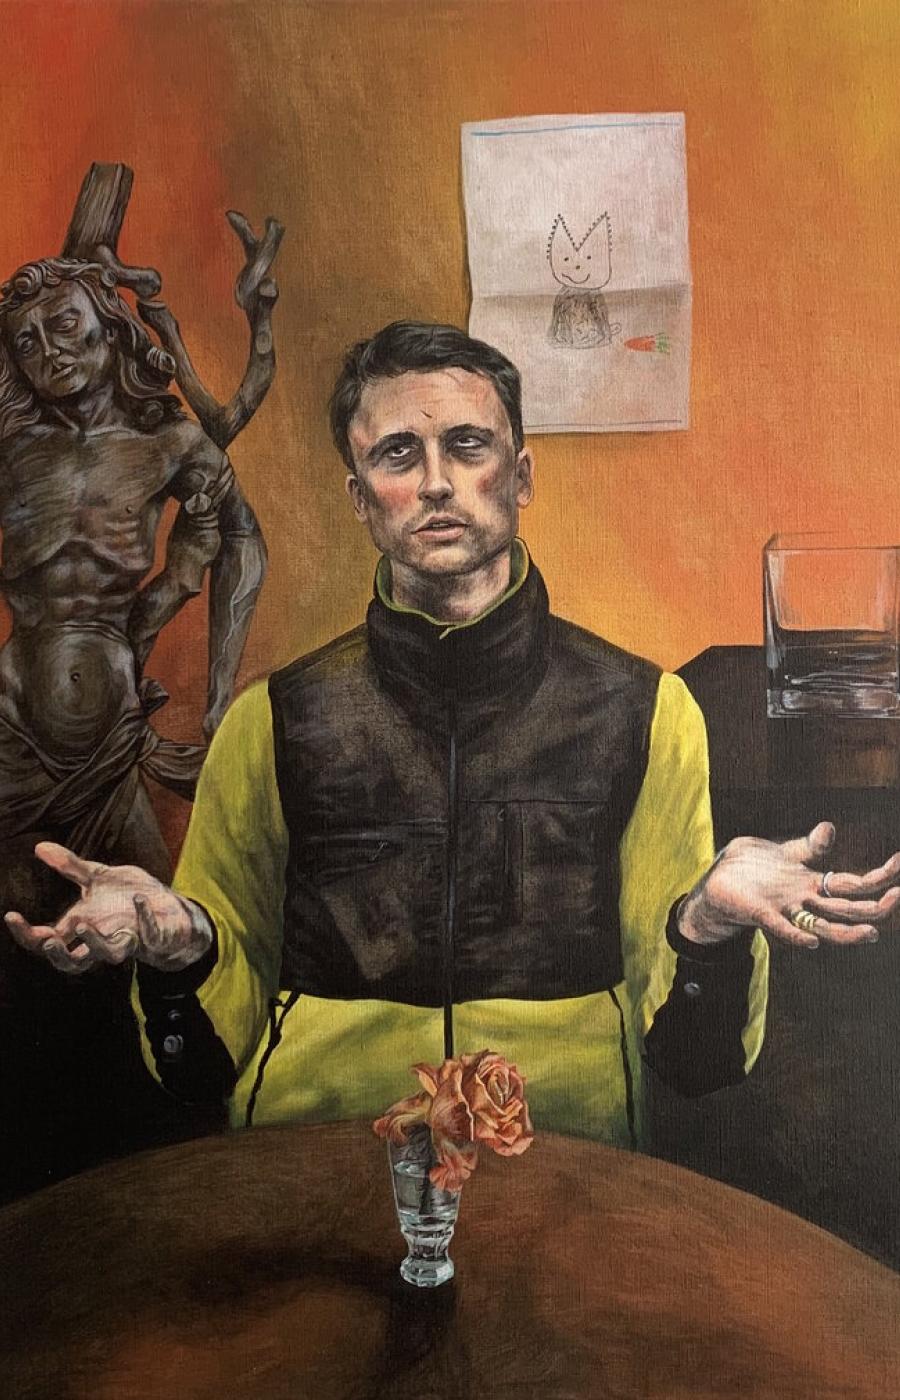 <b>Clément Bataille</b>, <em>Autoportrait</em>, Acrylique sur toile, 2020 /80x60cm